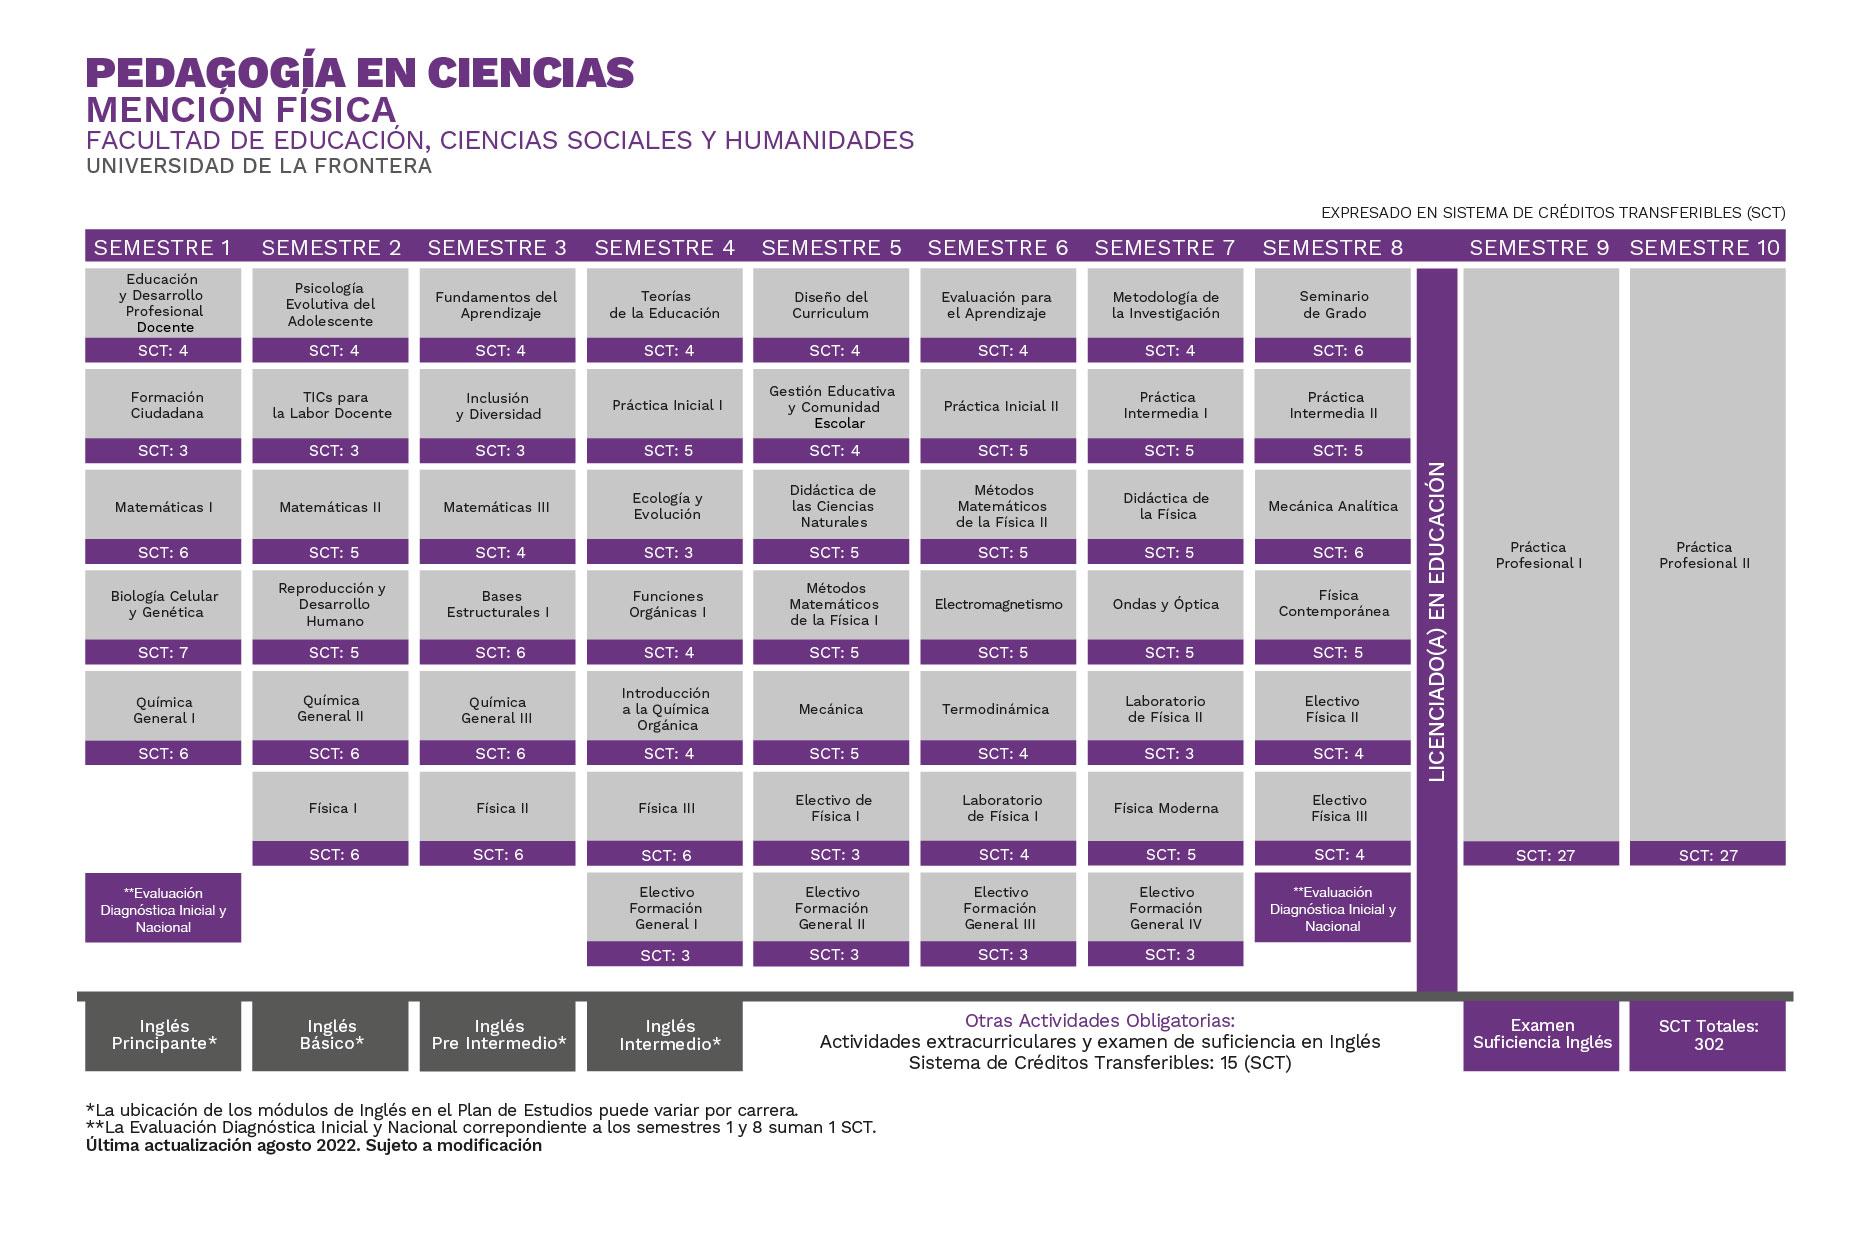 Plan de Estudios Pedagogía en Ciencias mención Física